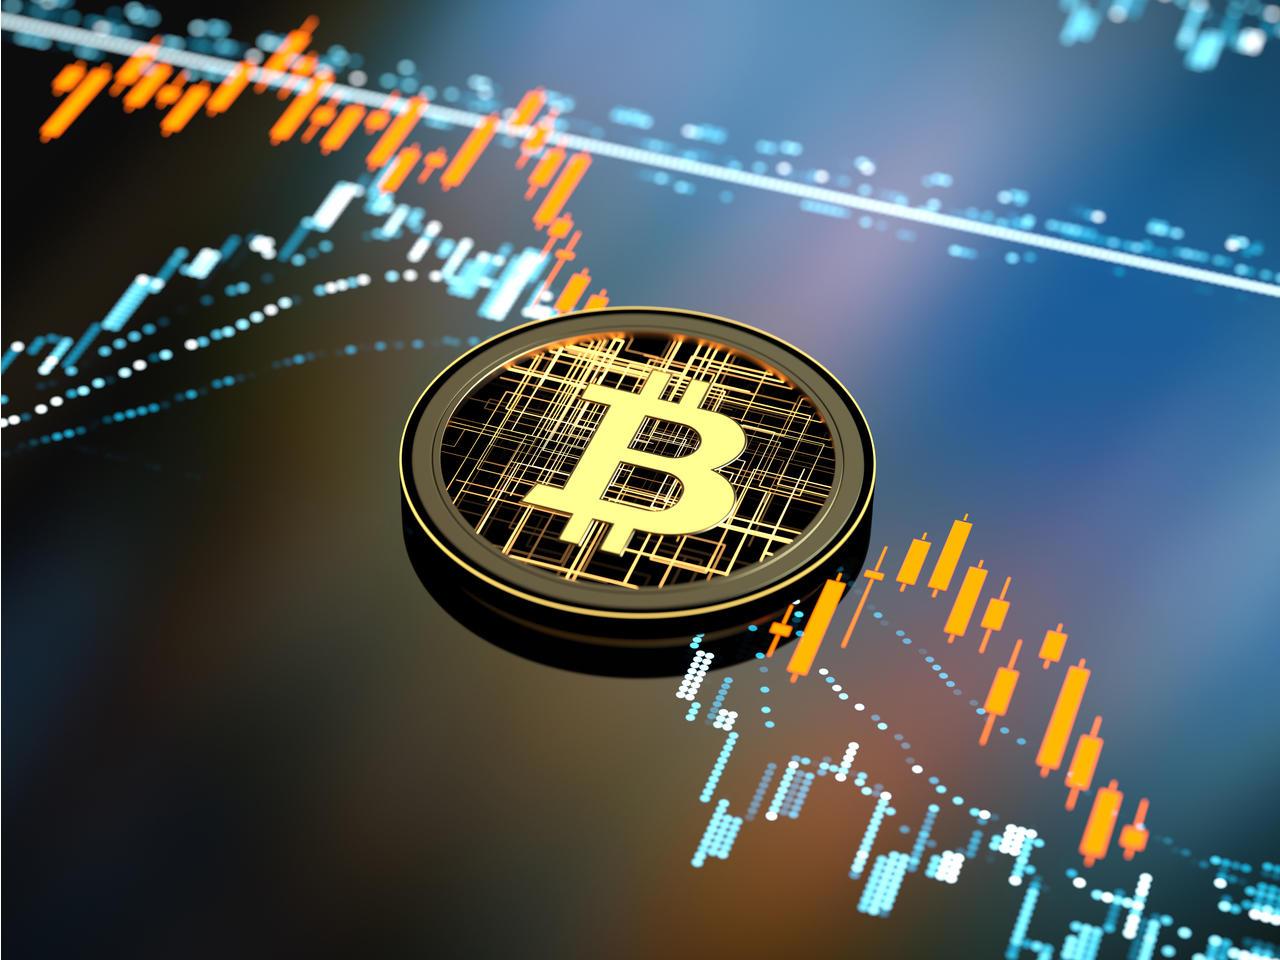 Nouă ani de Bitcoin. Cât valora moneda virtuală în 2009 şi cât valorează astăzi